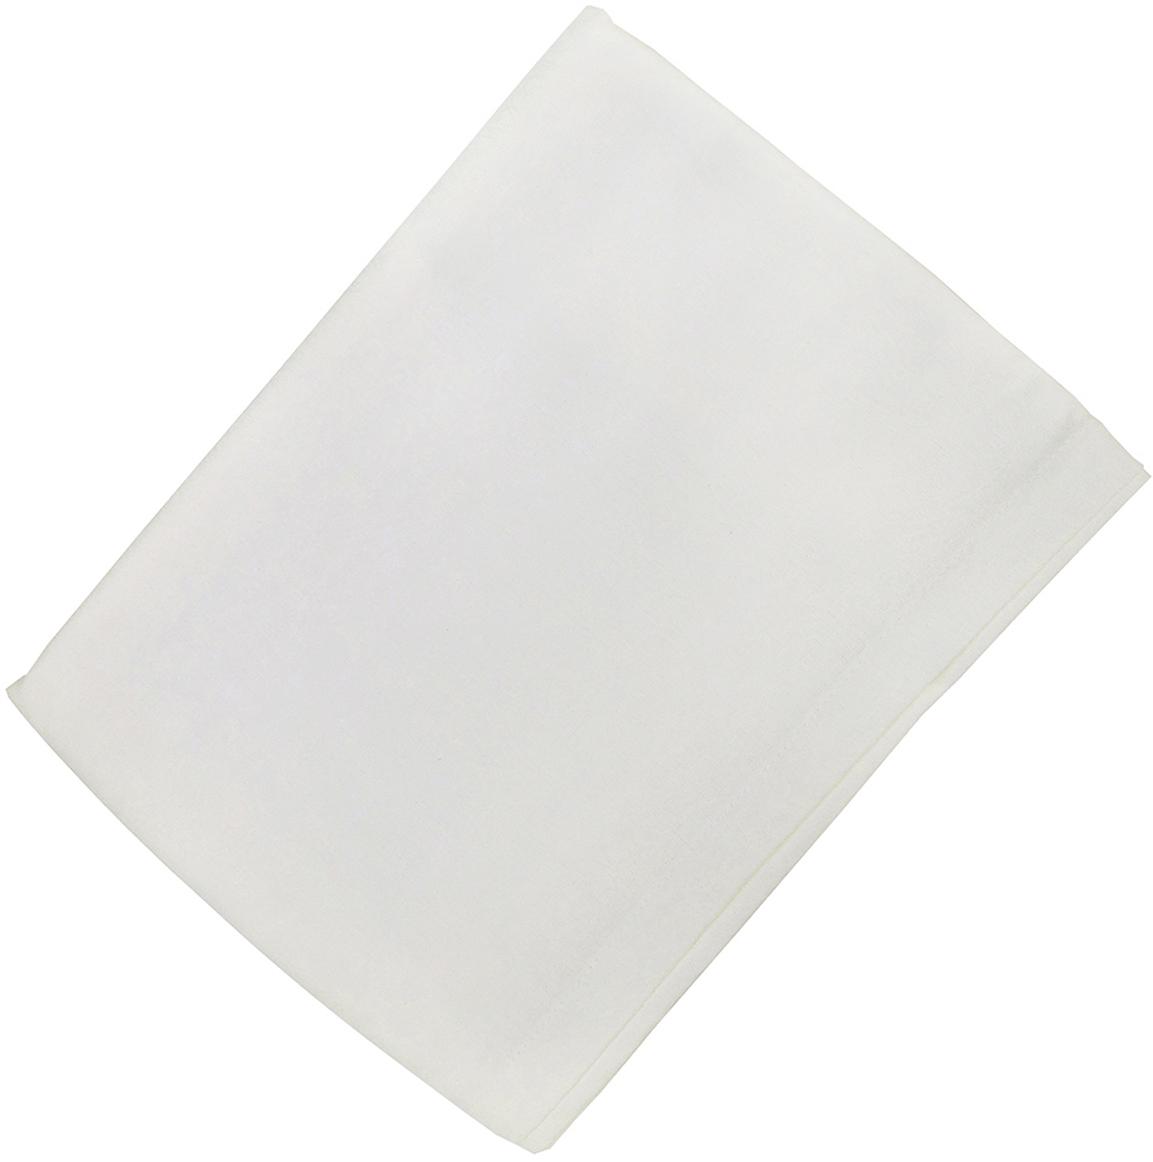 Скатерть Arloni, прямоугольная, 150 х 200 см. 8044.1ARL8044.1ARLОднотонная скатерть из новой коллекции Arloni изготовлена из натуральной плотной испанской ткани (100% хлопок). Высокие экологические свойства ткани позволяют использовать изделие не только в качестве декоративного оформления, но и для сервировки обеденного стола. Скатерть хорошо сочетается с другими элементами кухонного текстиля и имеет универсальный размер. Красиво смотрится как на круглом, овальном, так и на прямоугольном столе.